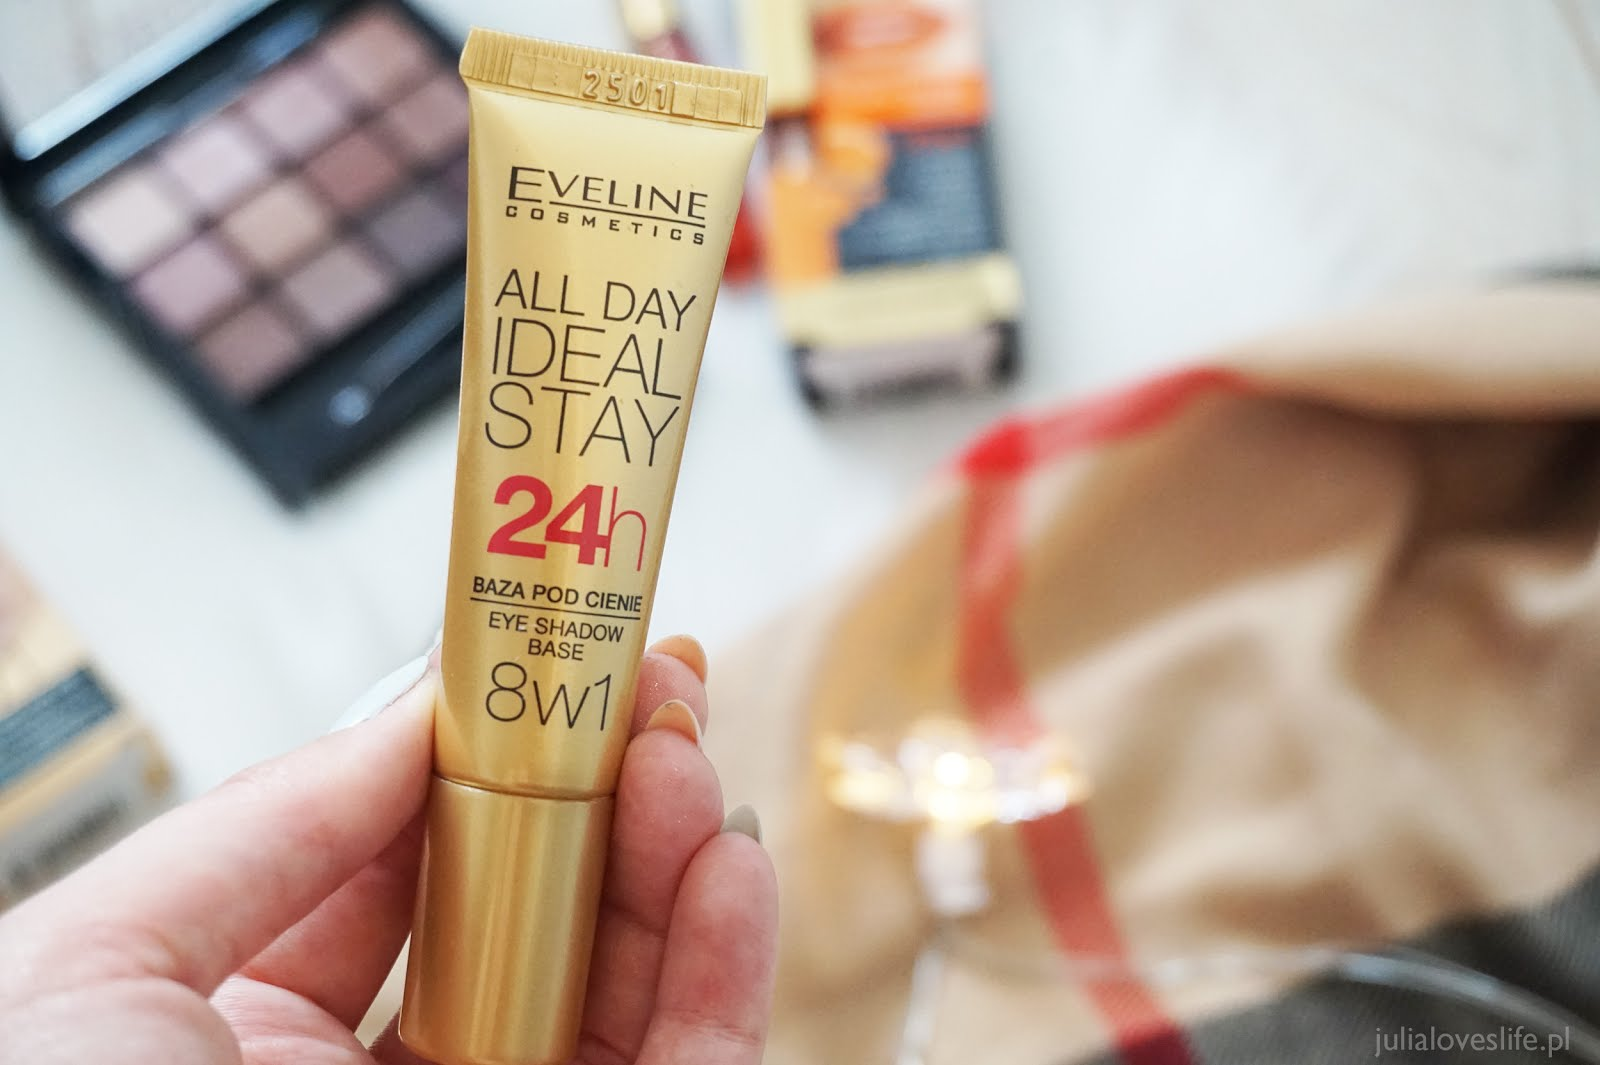 Eveline Cosmetics baza pod cienie